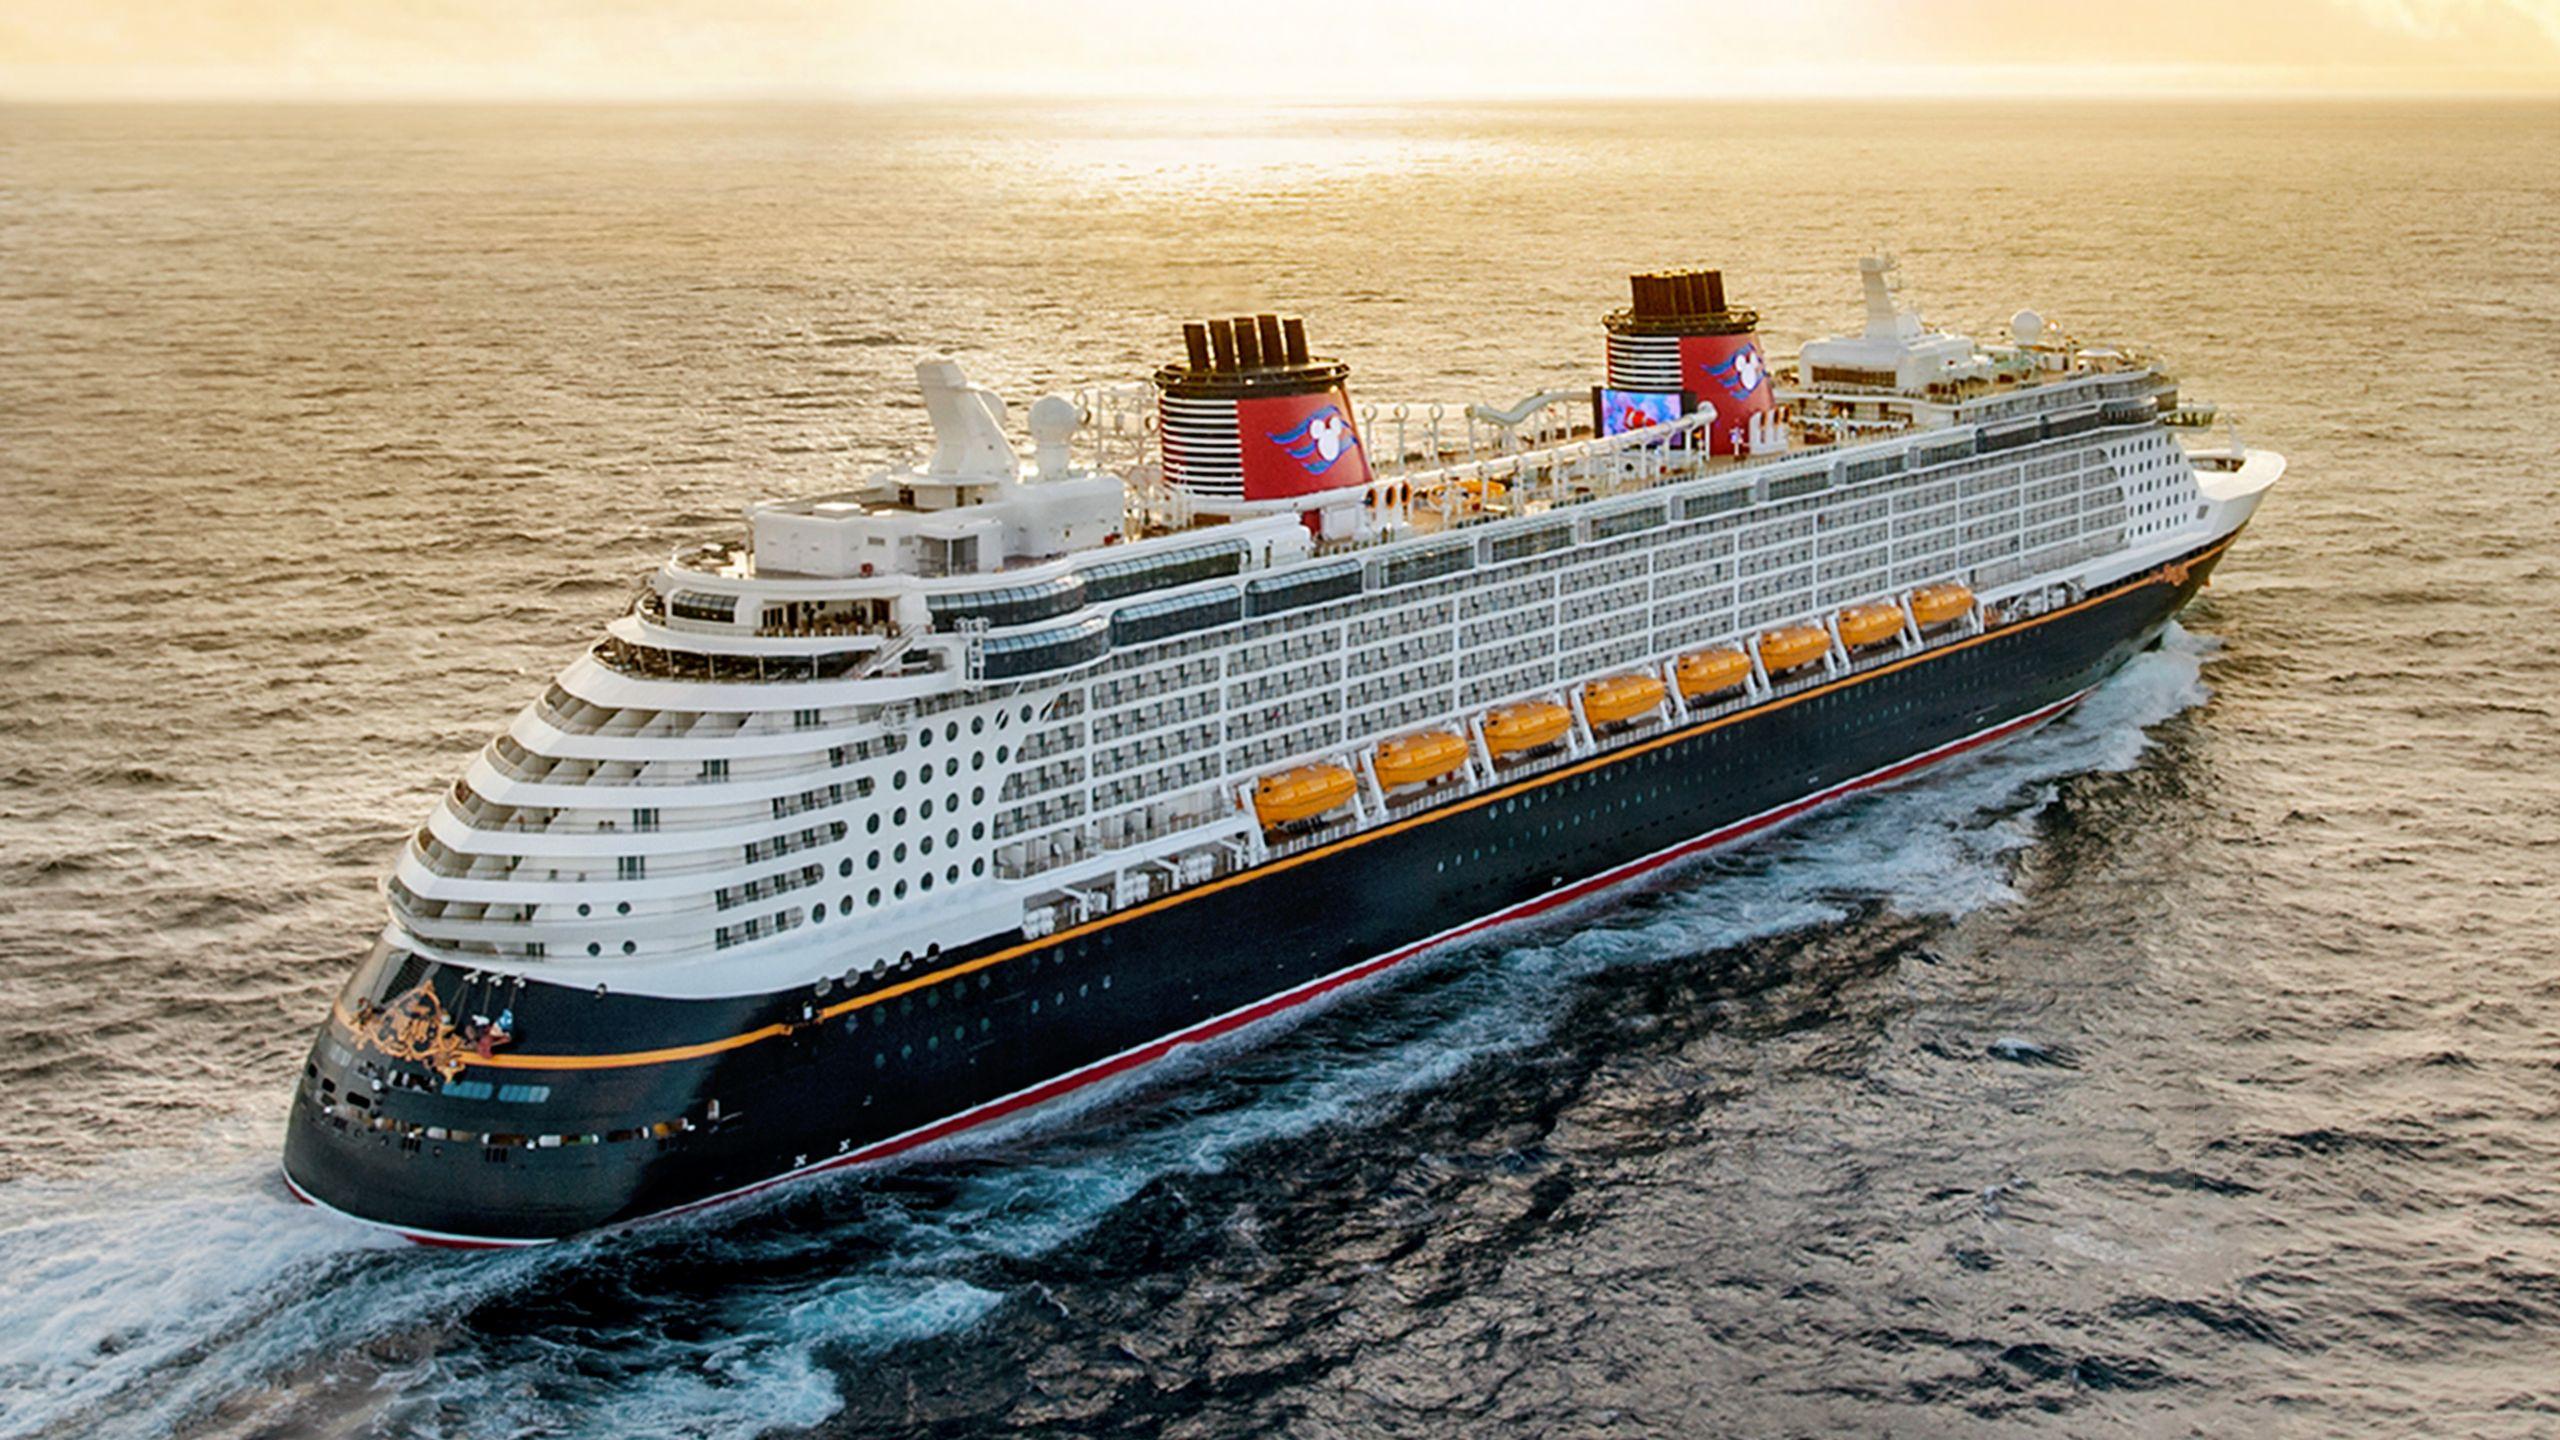 El crucero de Disney Wonder en mar abierto al atardecer